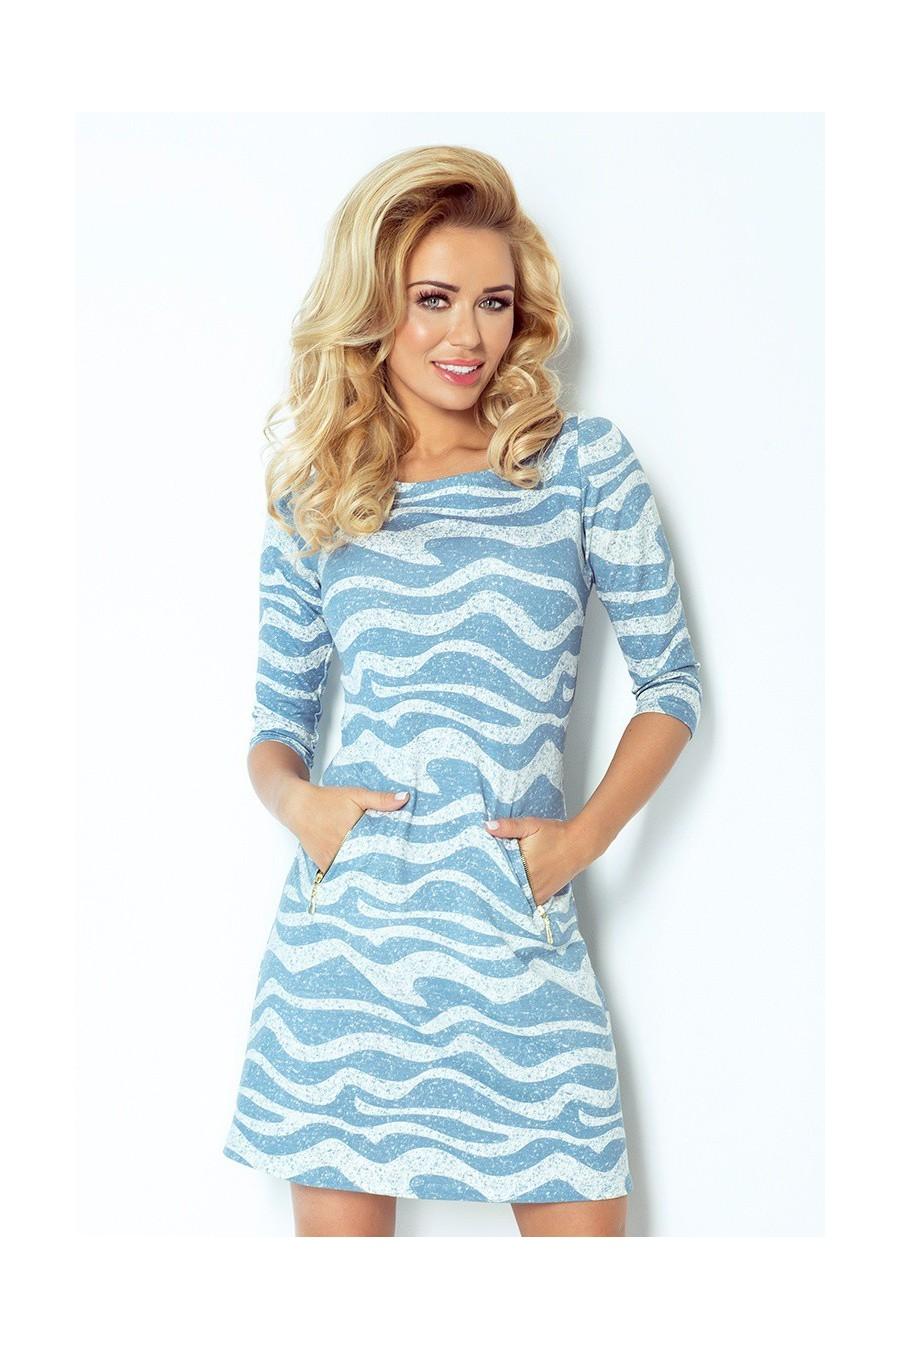 cf8bdccfcee8 Šaty s dlhým rukávom 2118 - Spoločenské šaty Online